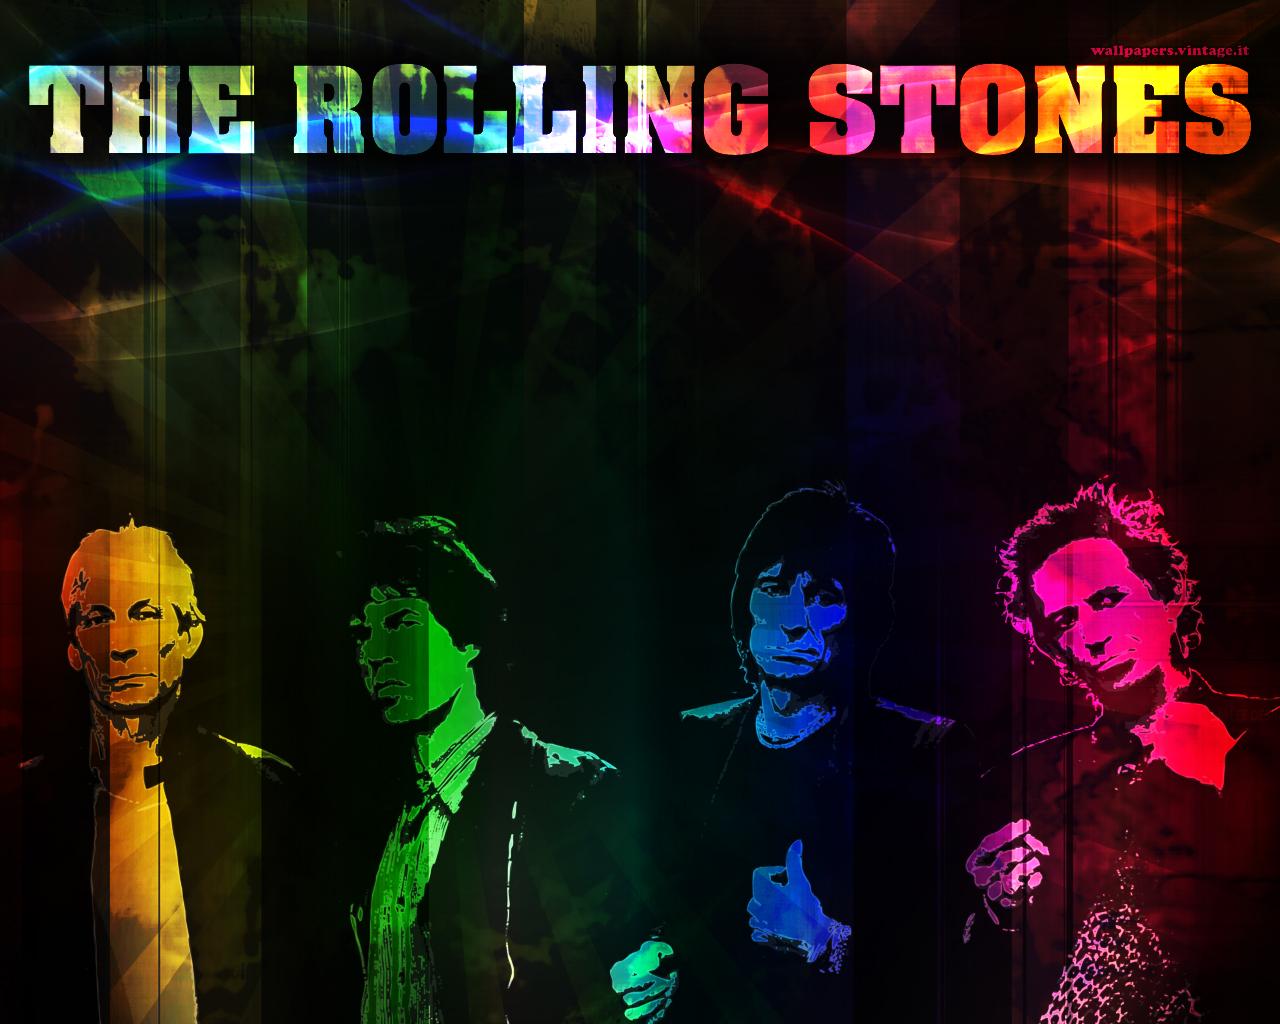 The Rolling Stones wallpaper   Desktop HD iPad iPhone wallpapers 1280x1024